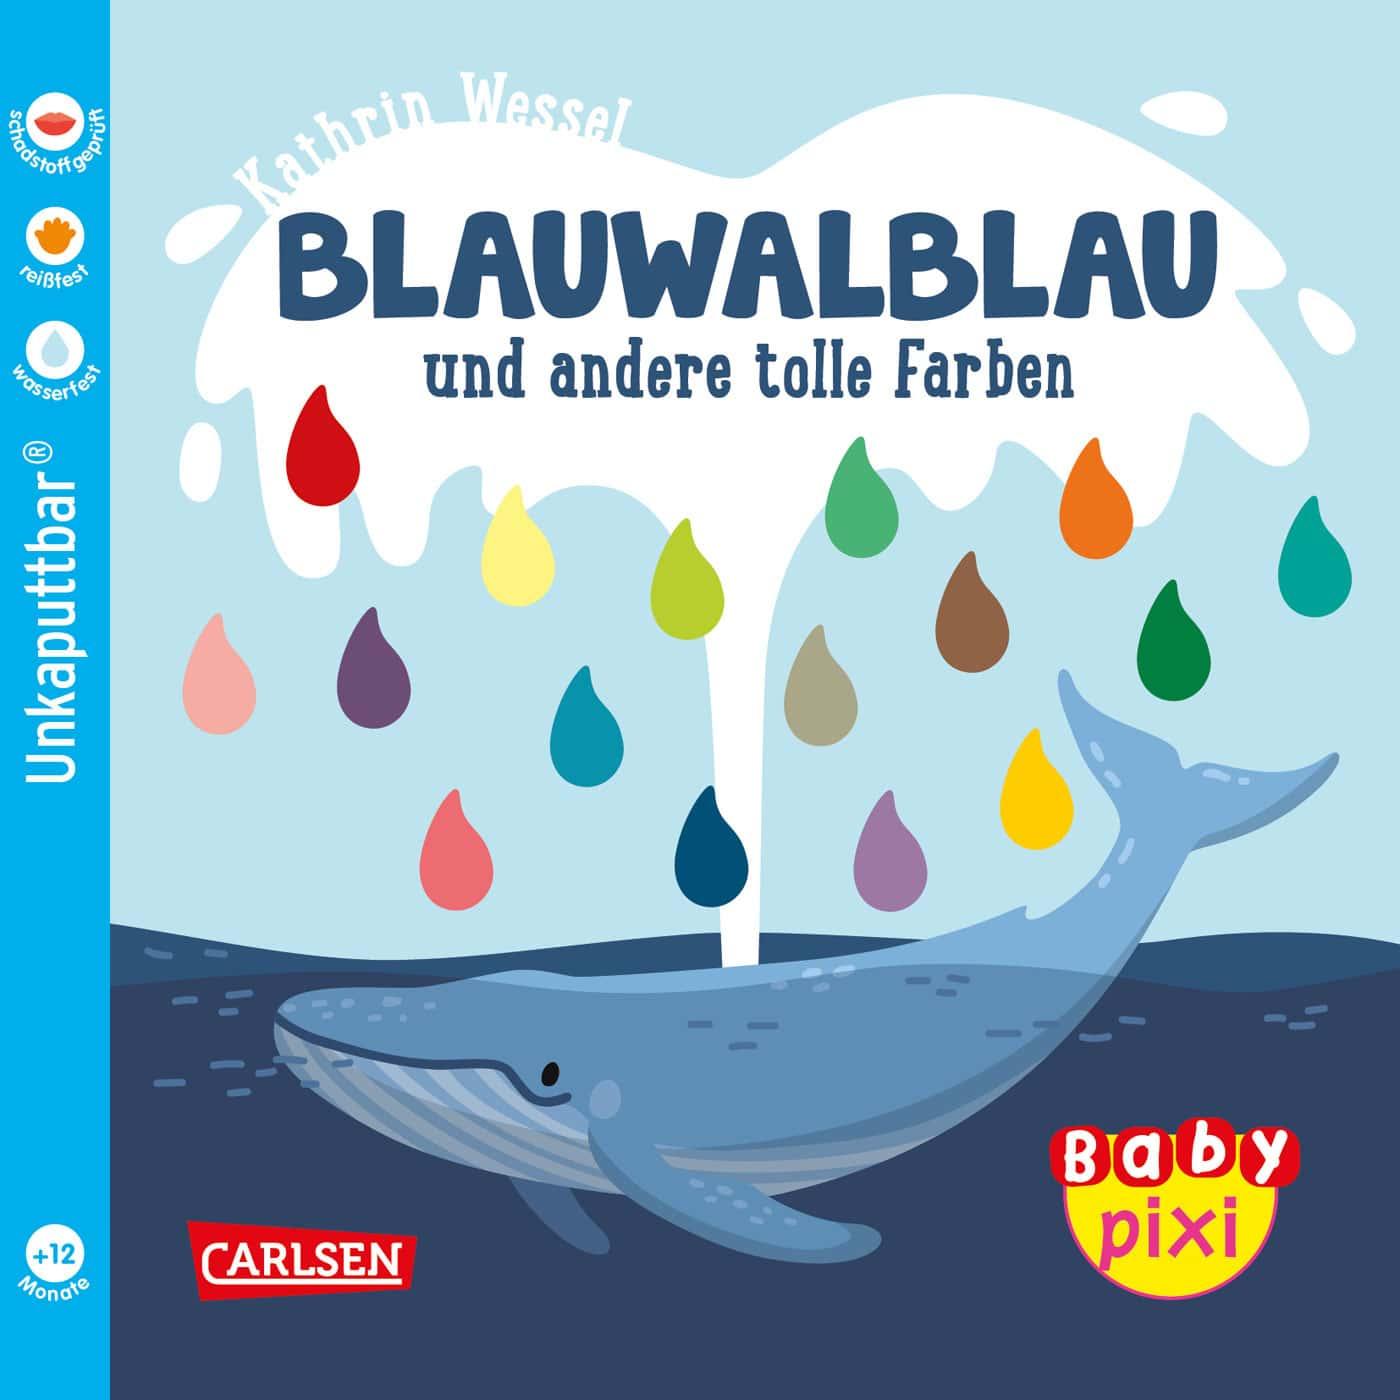 Die besten Bücher für Babys und Kleinkinder – Unkaputtbare Baby-Pixi-Bücher: Blauwalblau // HIMBEER